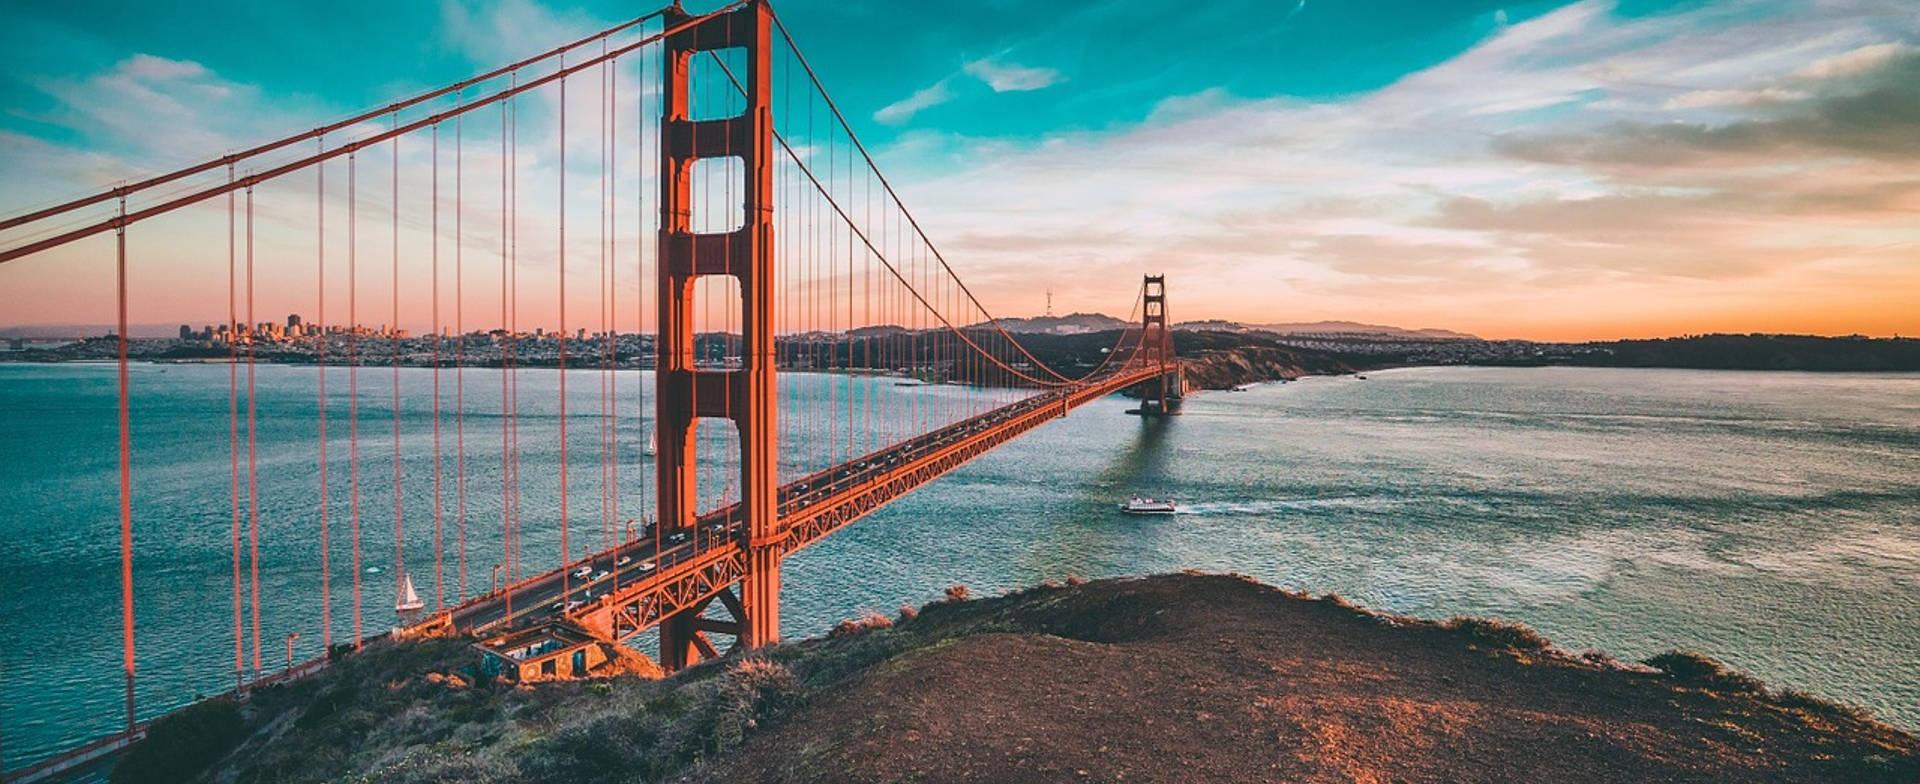 USA Hochplateau Los Angeles San Francisco LA Monument Valley die reise reisen bielefeld reisebuero Wellnessreisen Familienreisen Kreuzfahrten Lastminute Mietwagen Lastminute